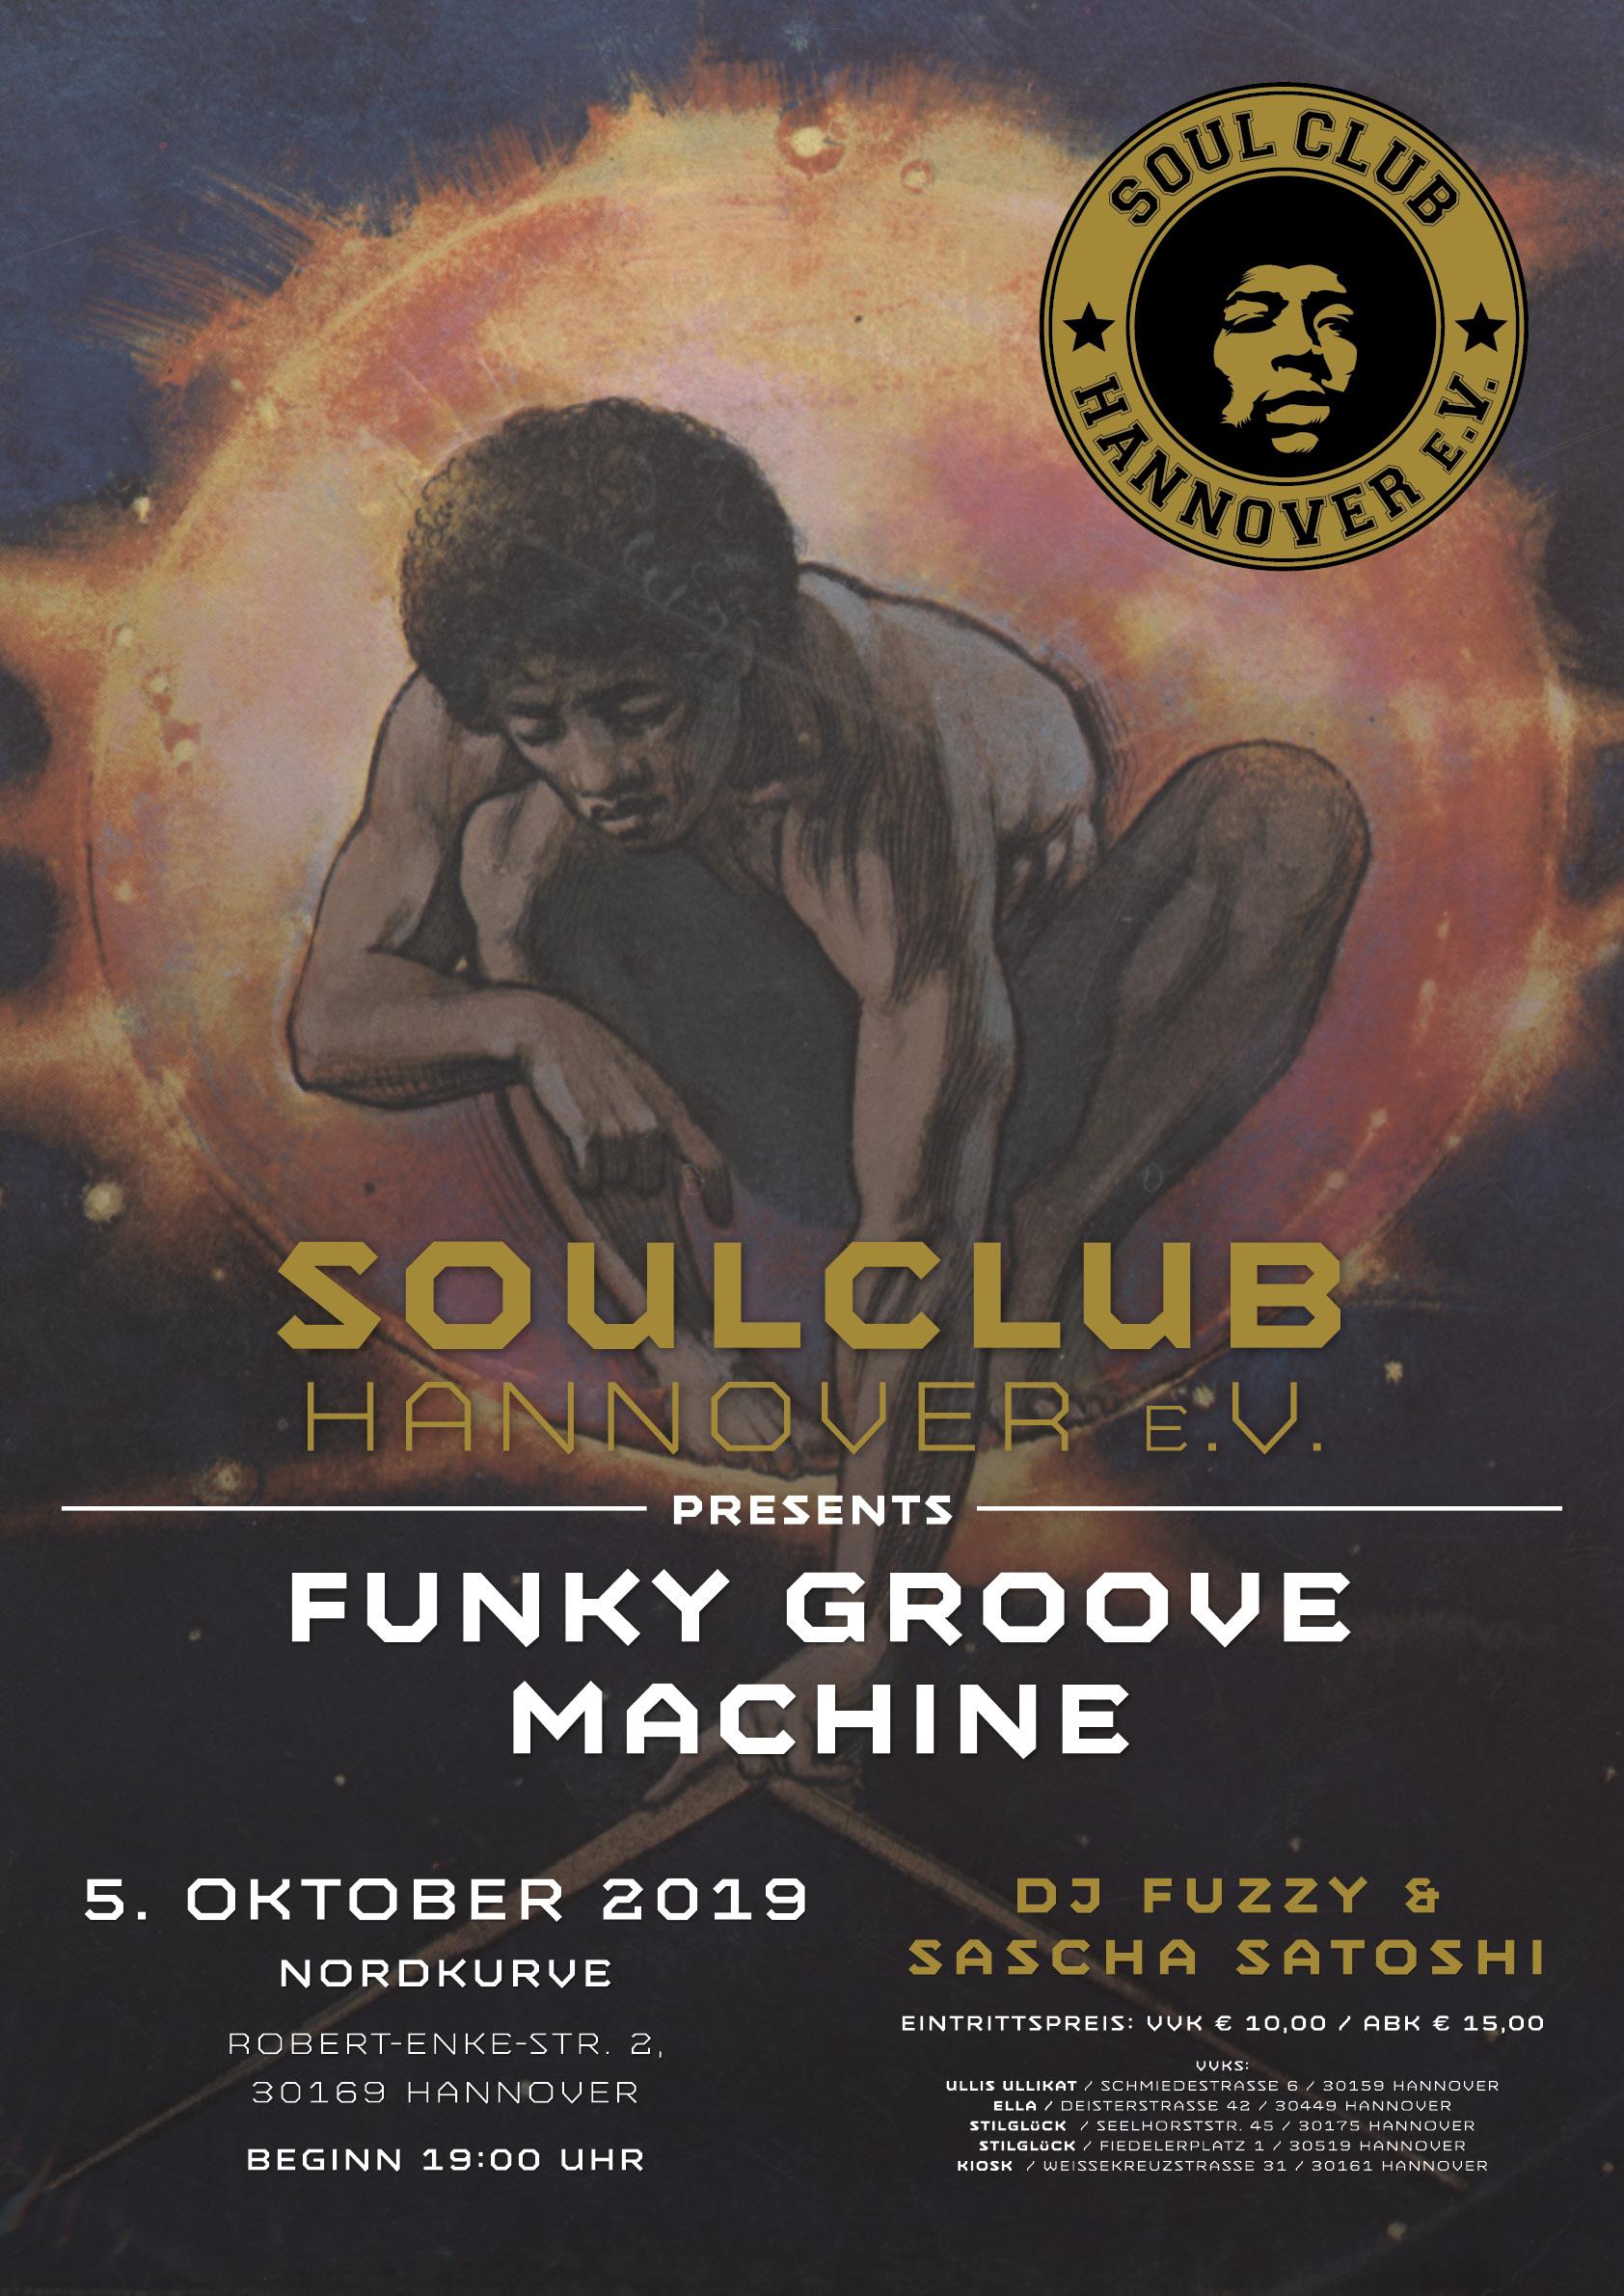 Funky Groove machine